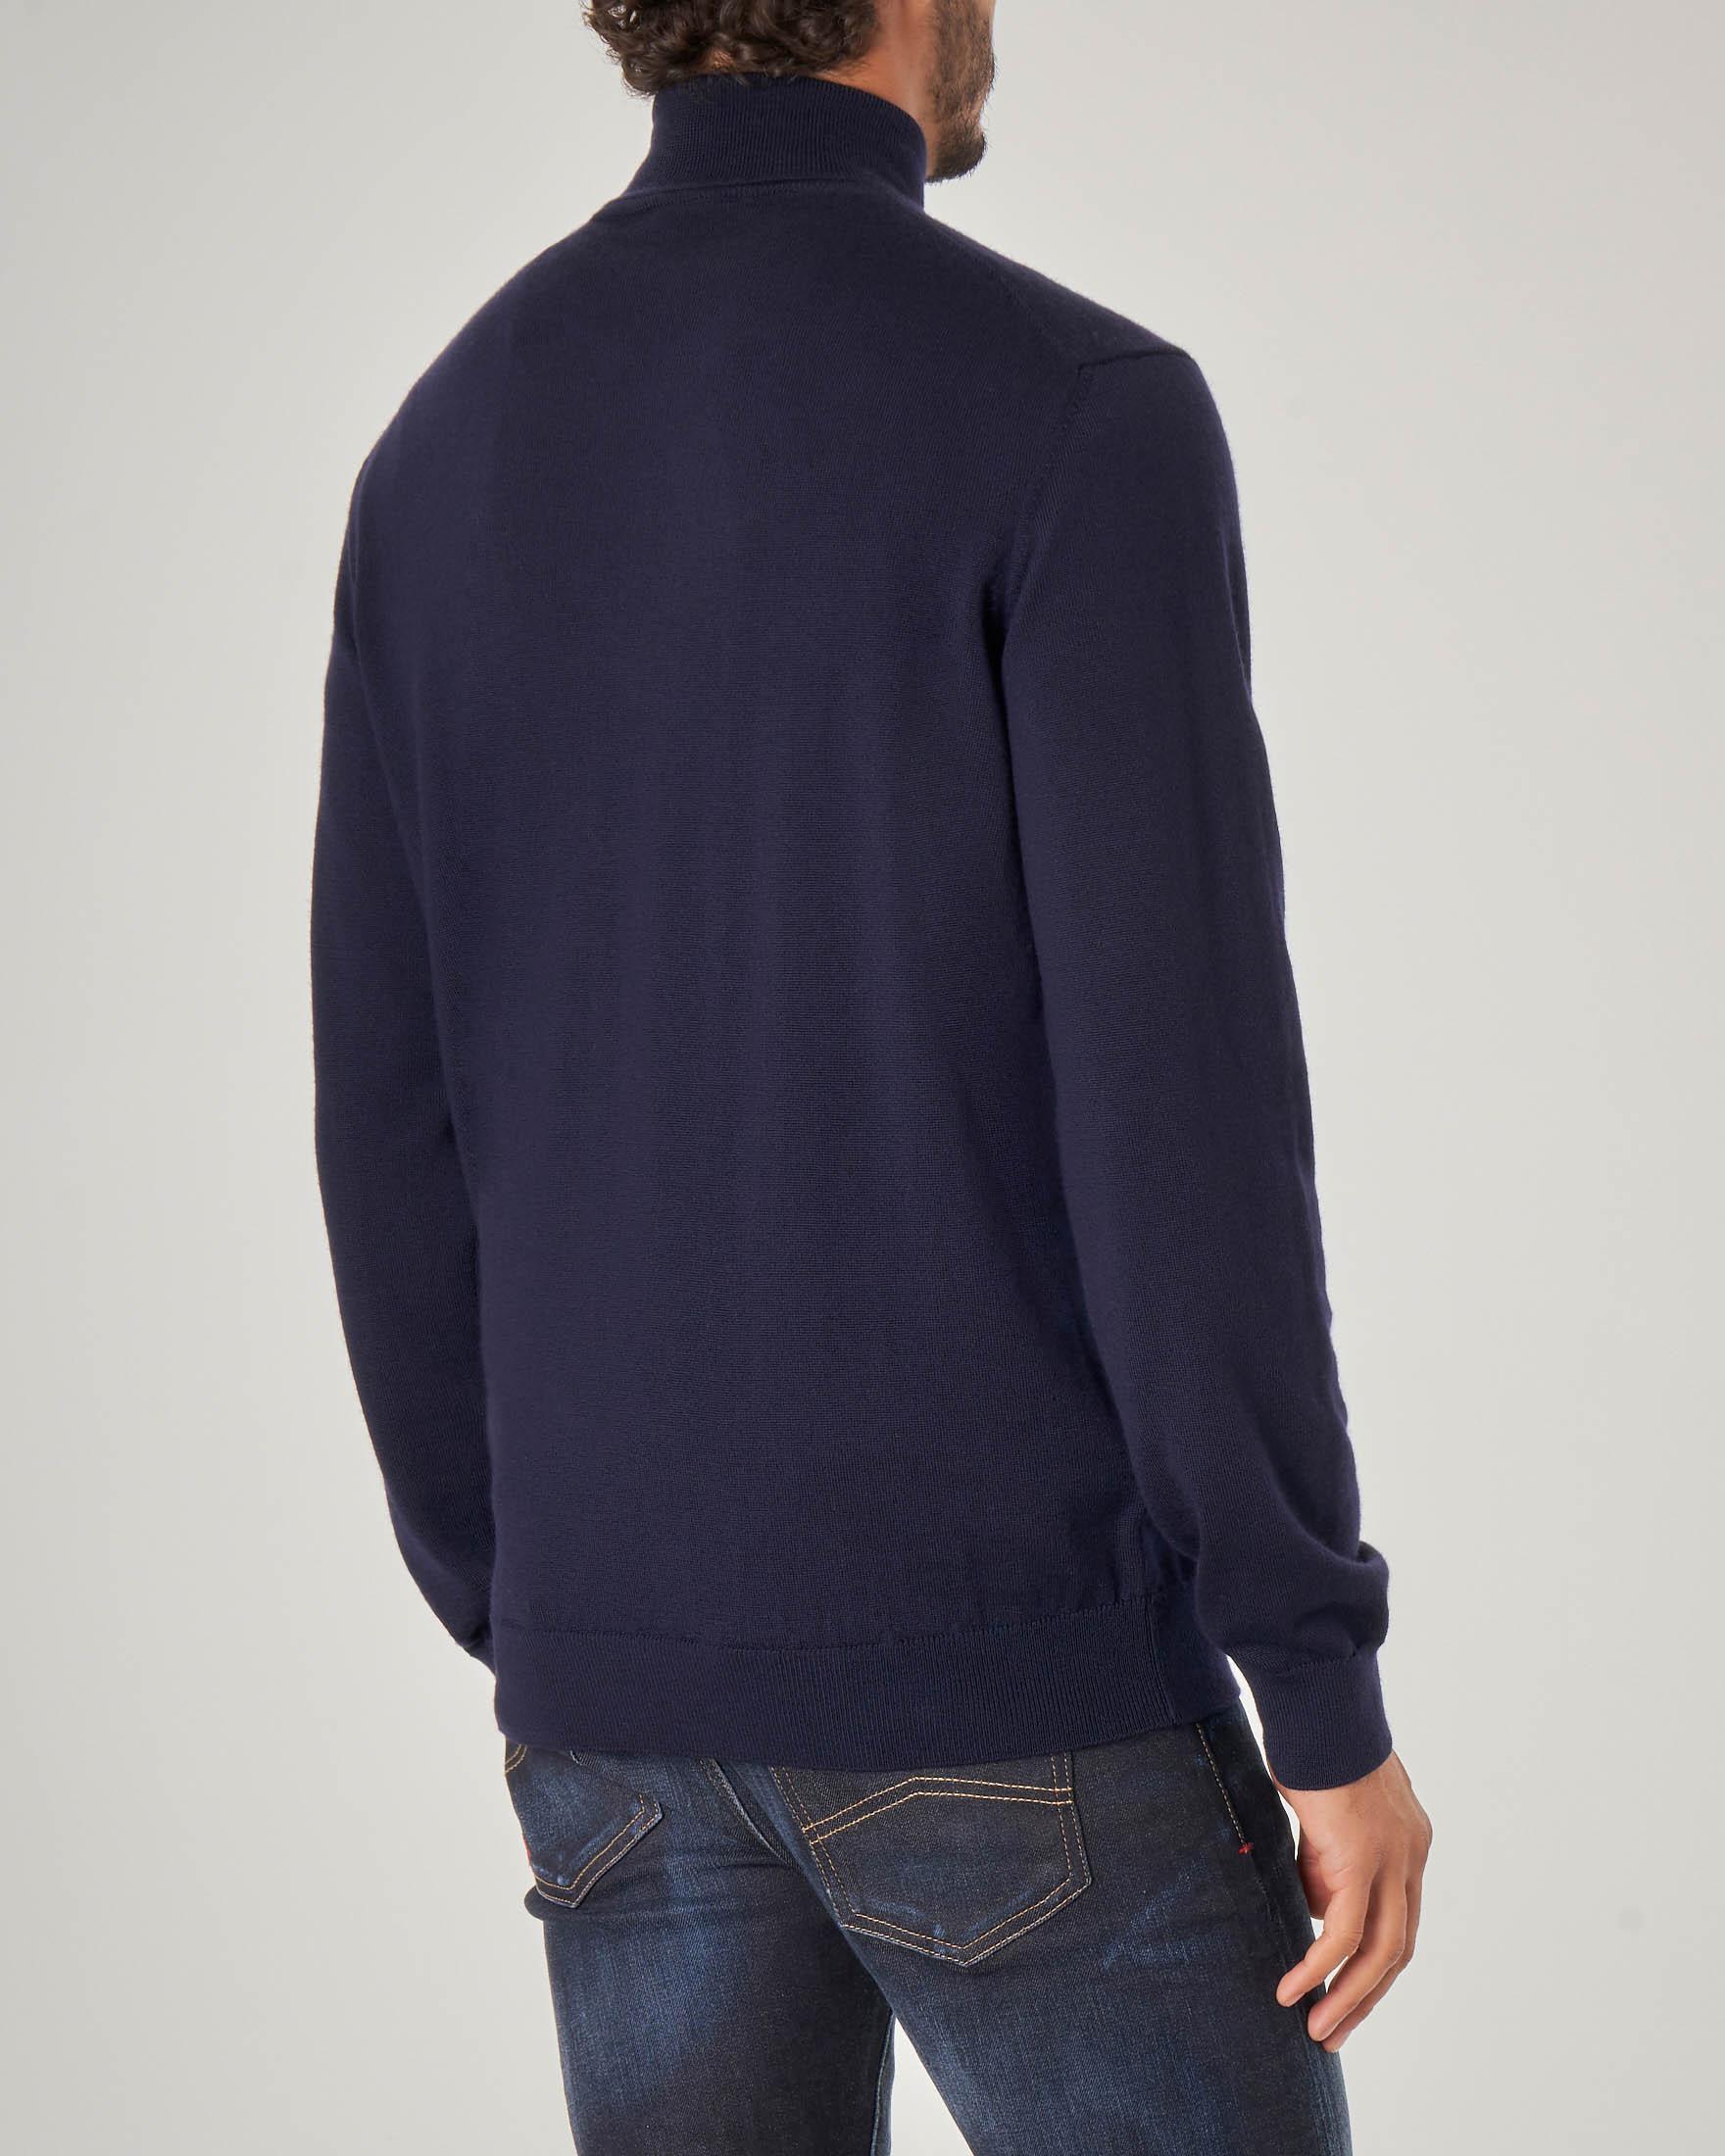 Dolcevita blu in lana merino